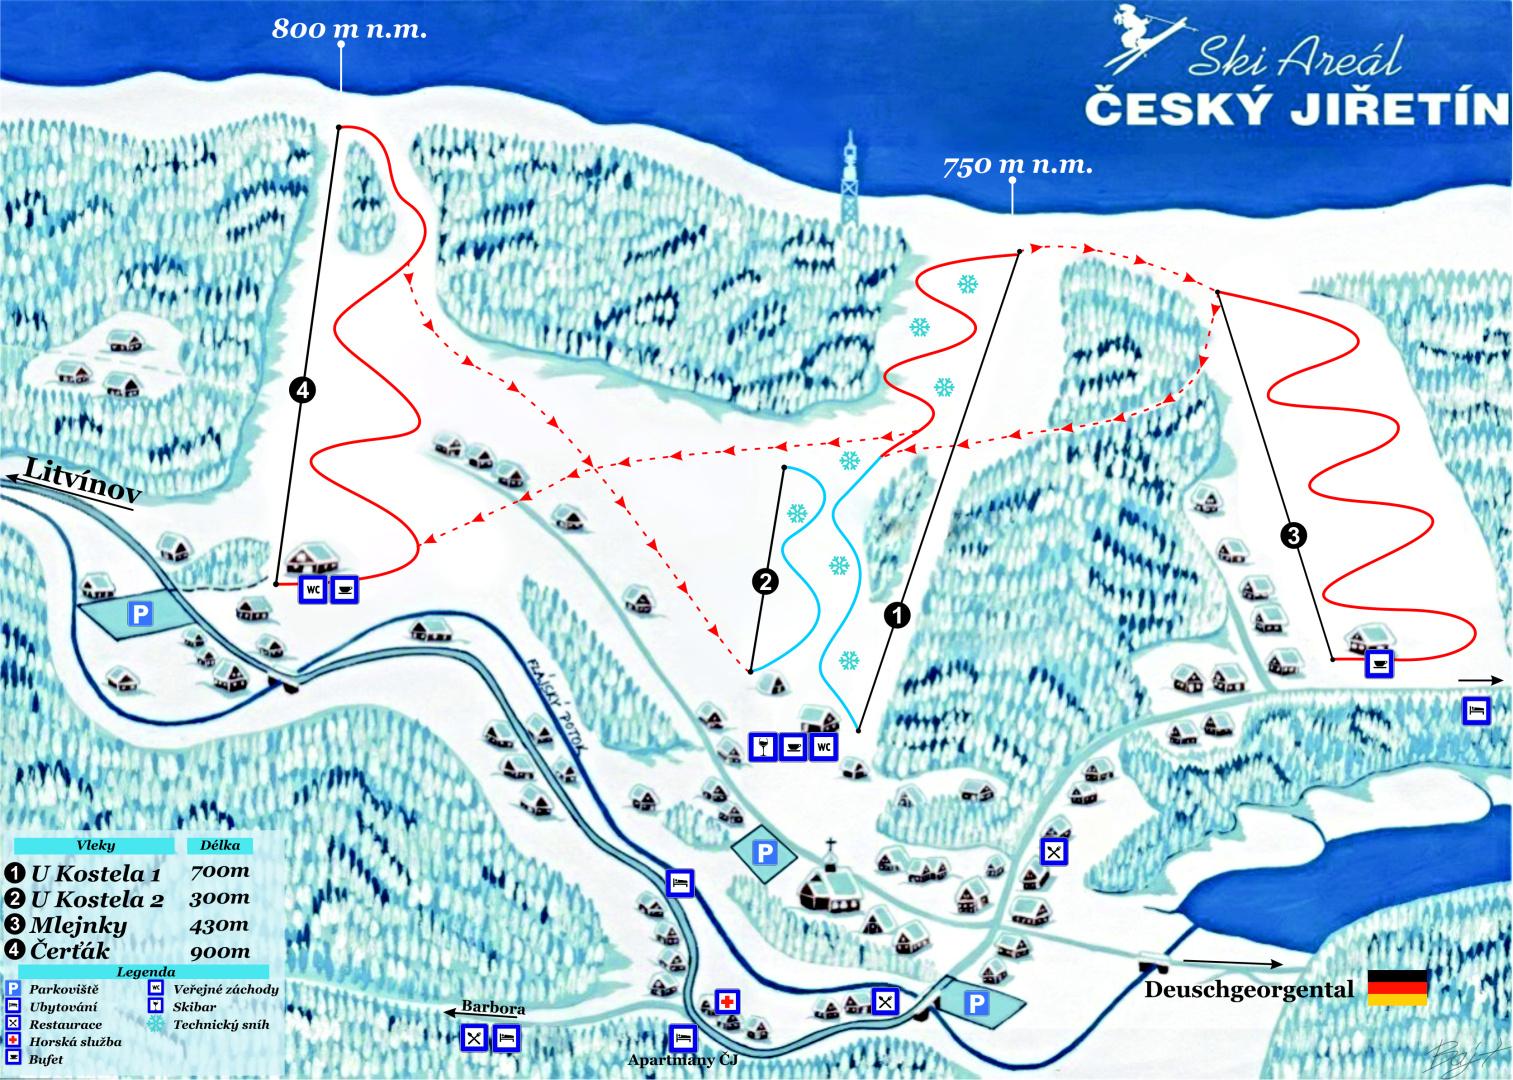 Český Jiřetín Piste / Trail Map